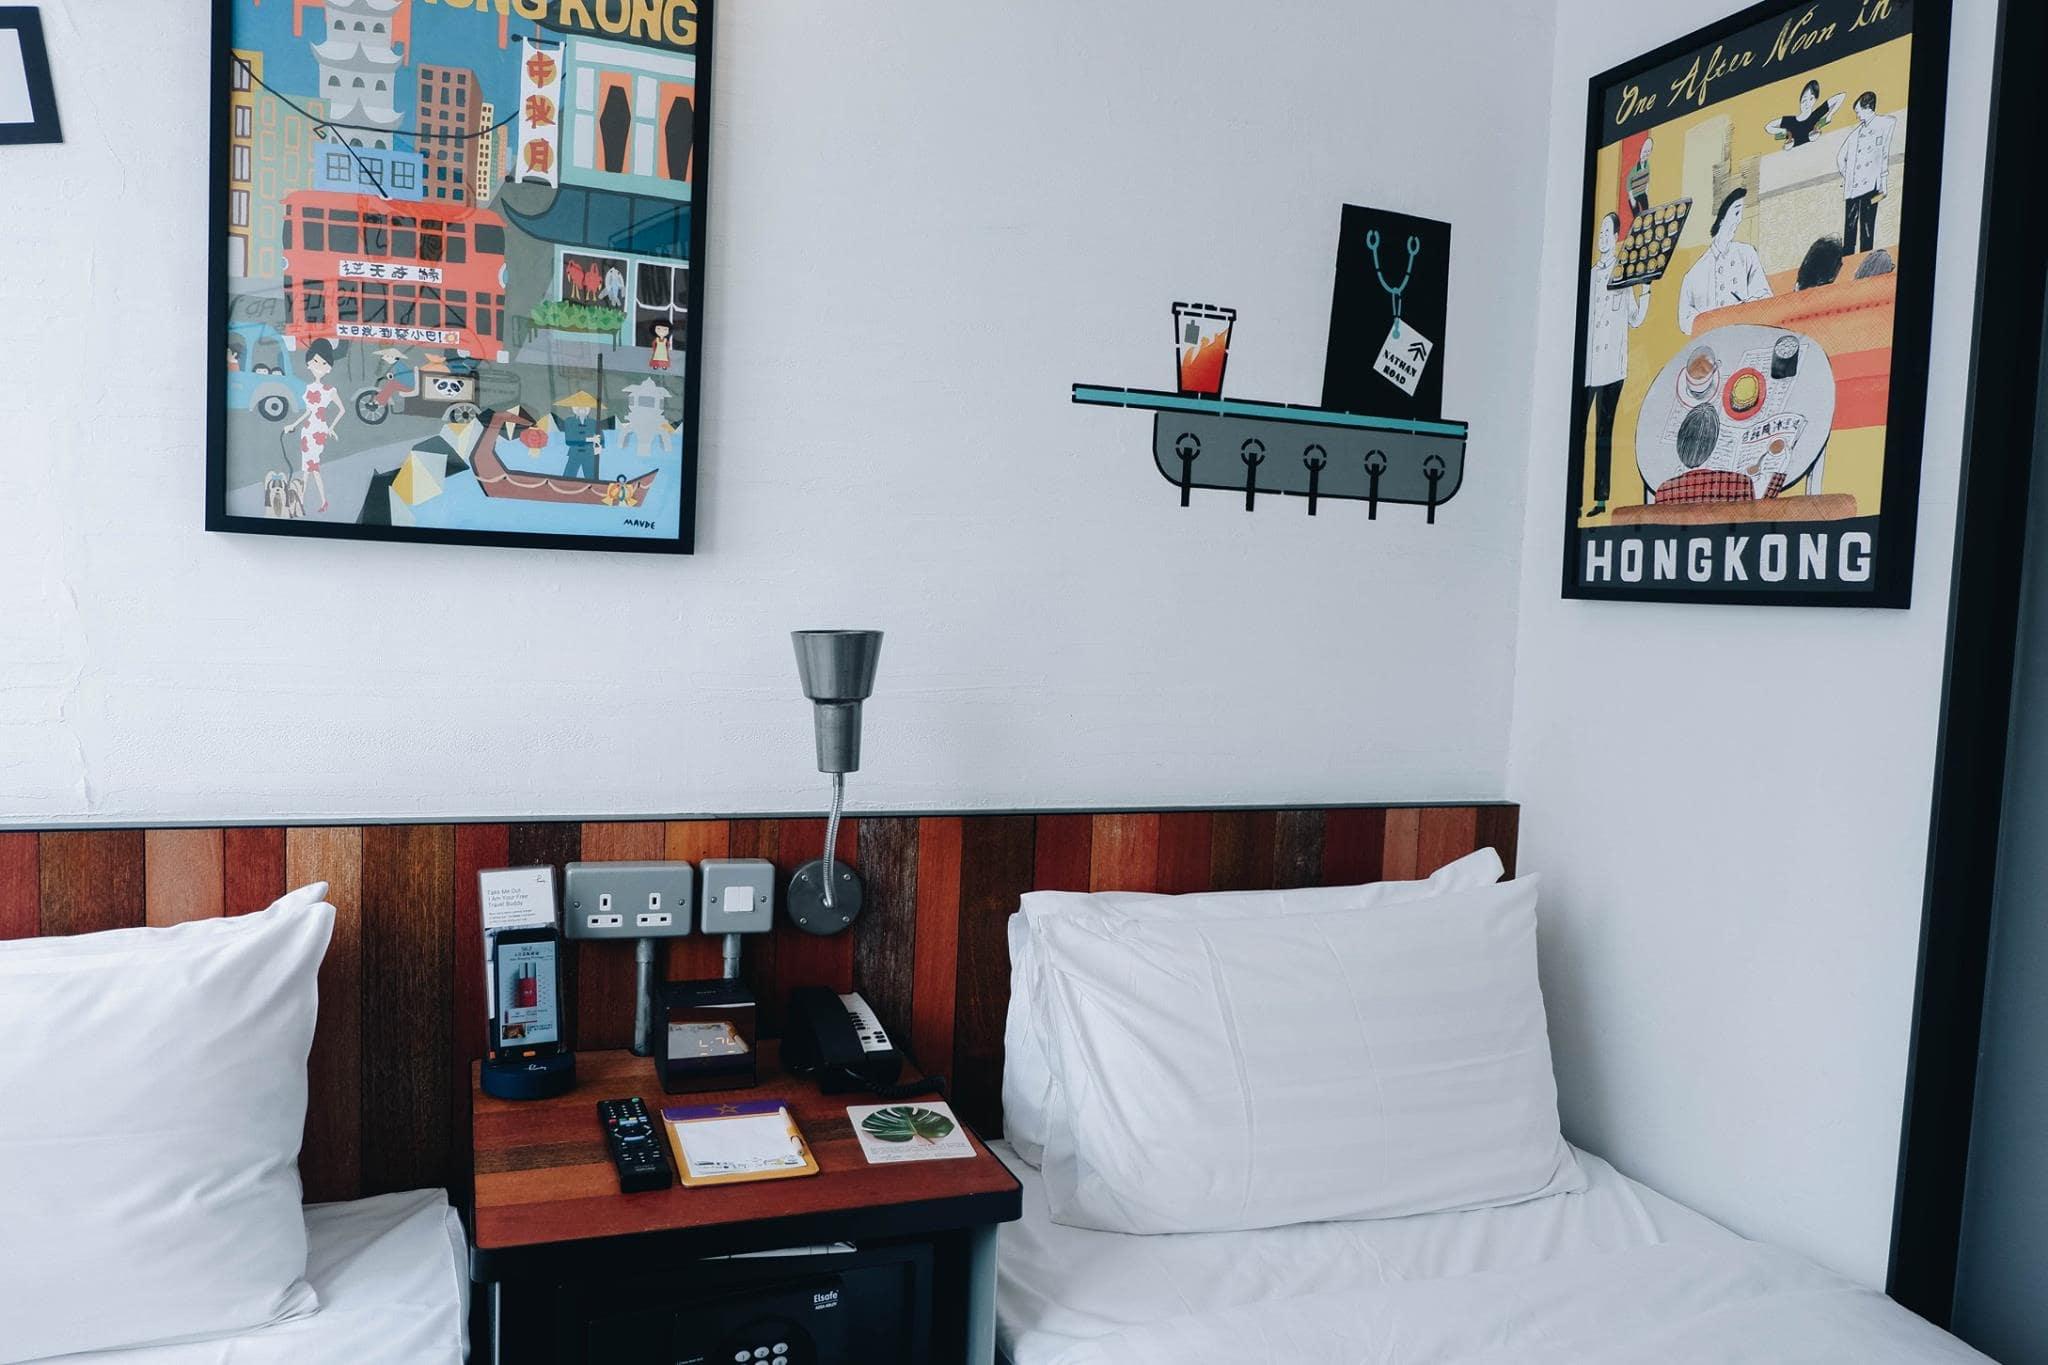 phòng khách sạn tại hong kong